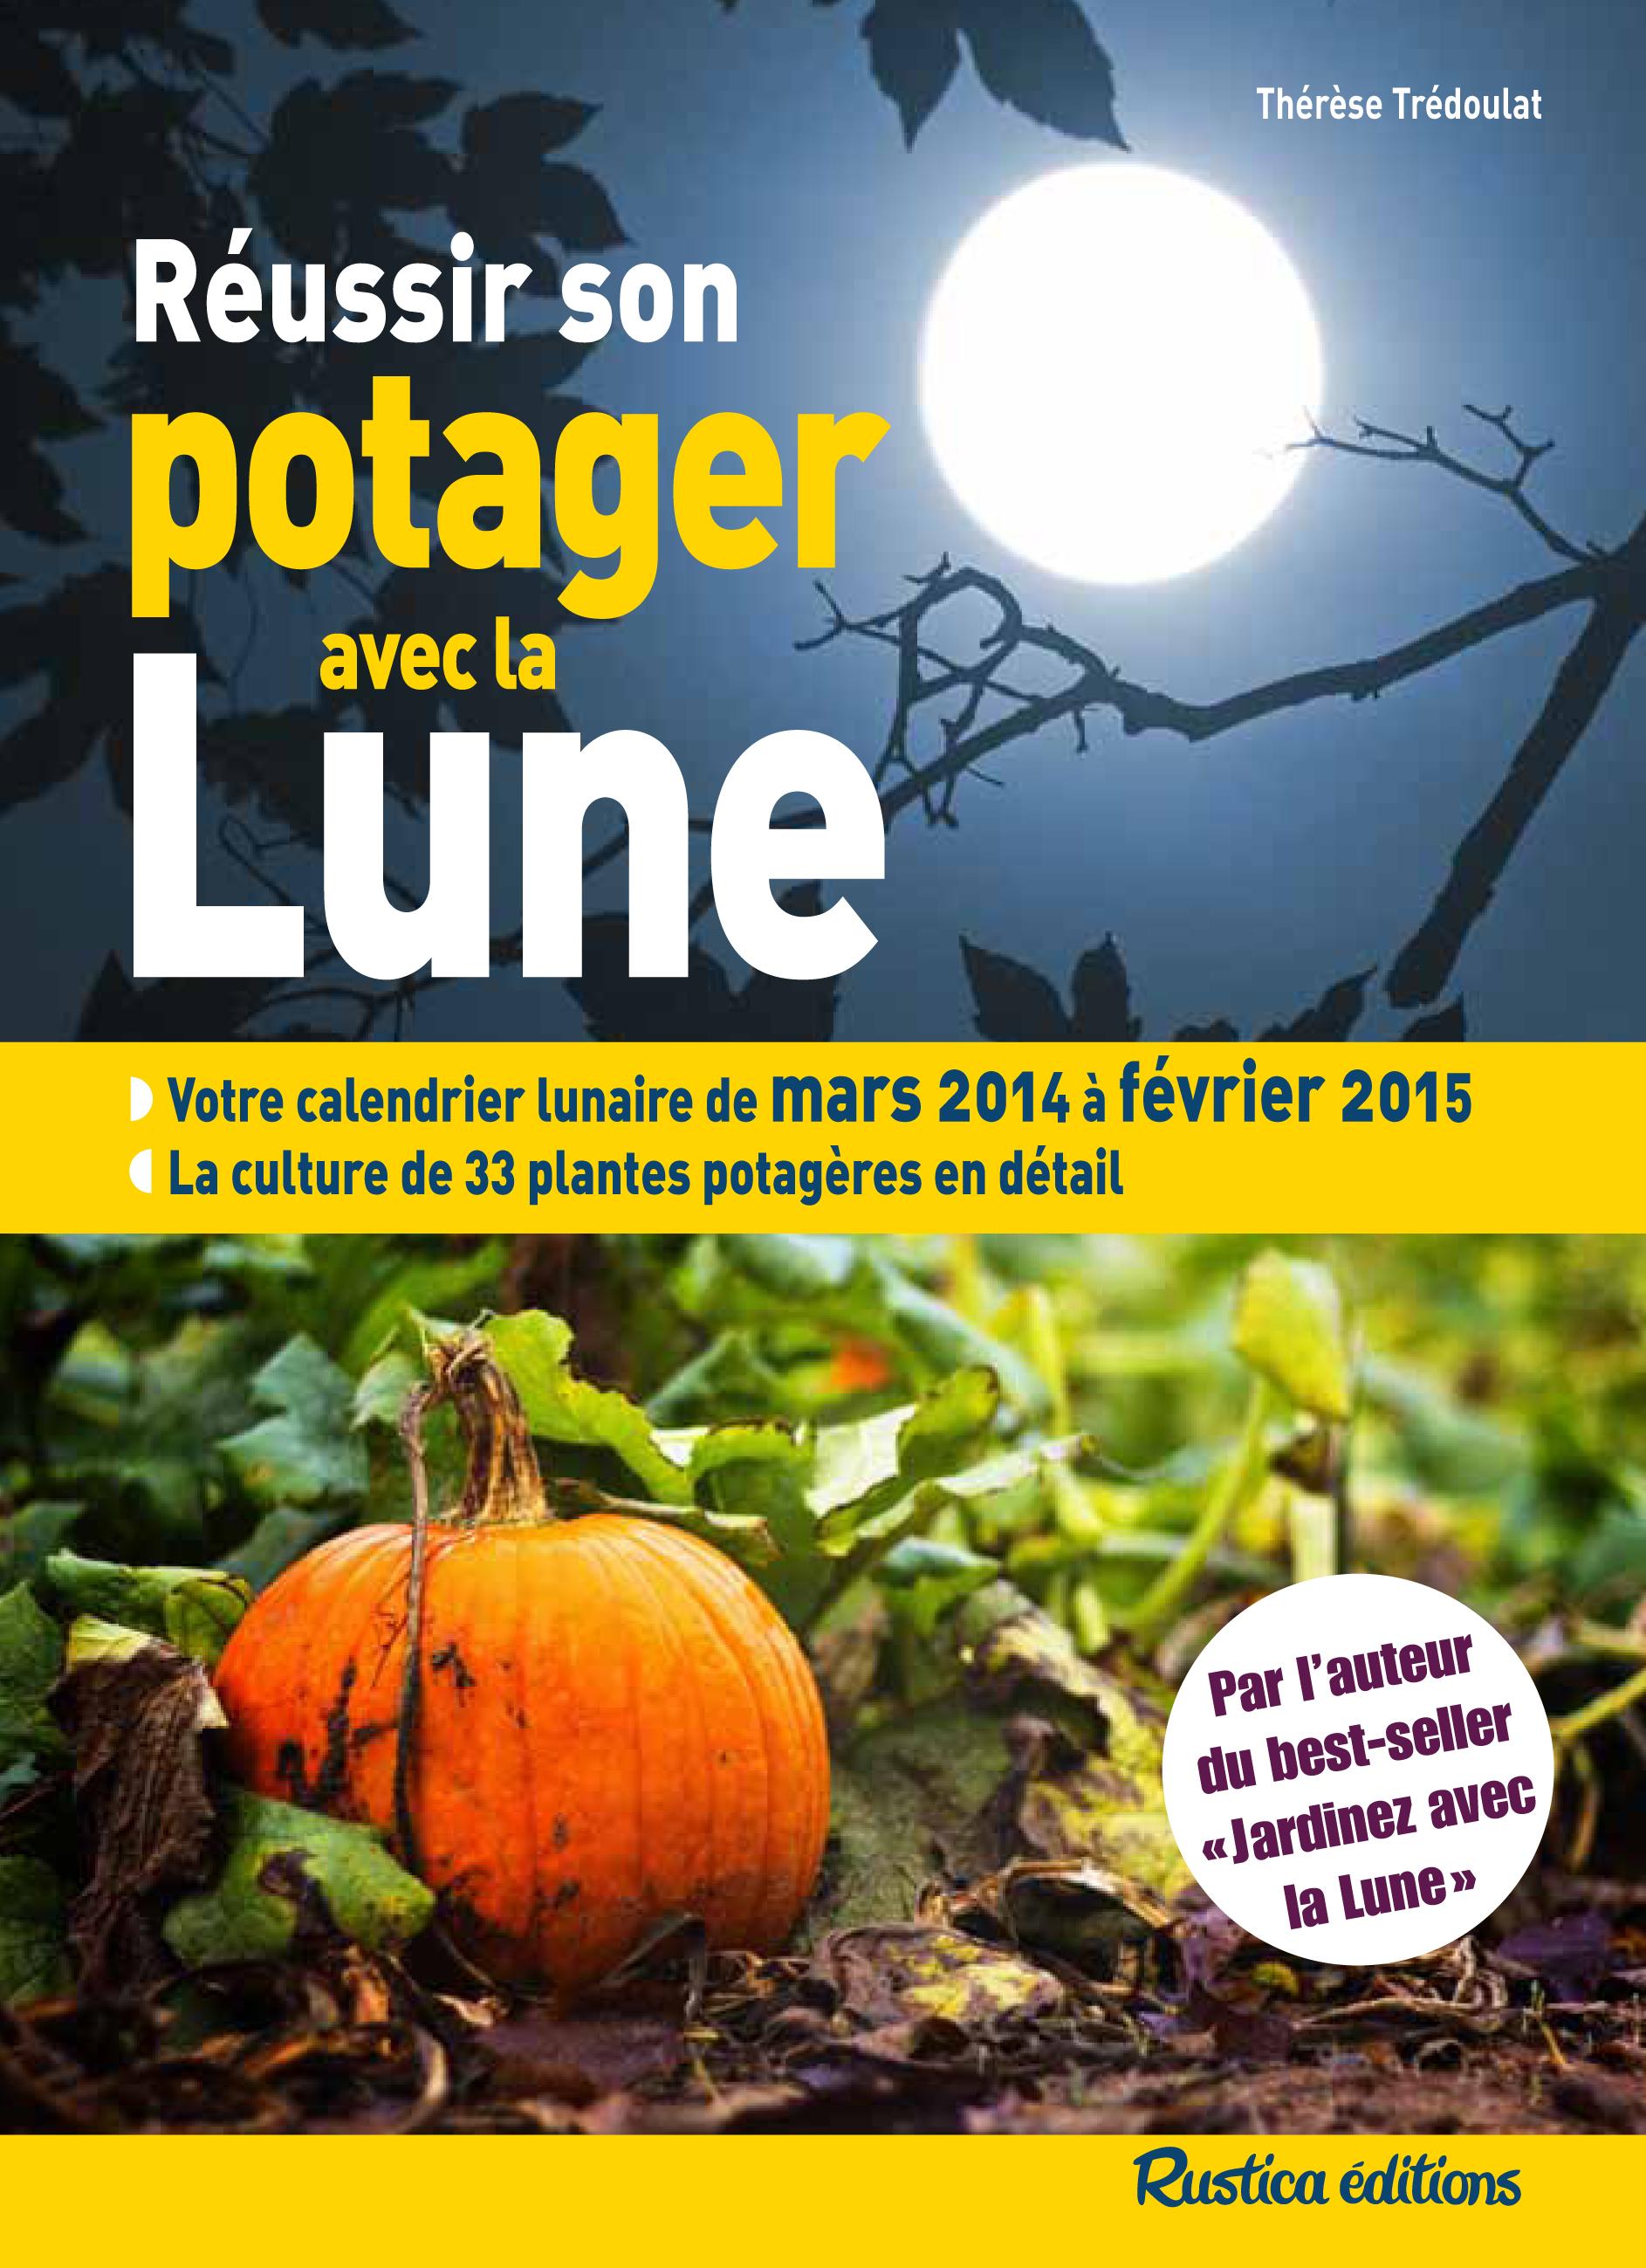 REUSSIR SON POTAGER AVEC LA LUNE 2014-2015